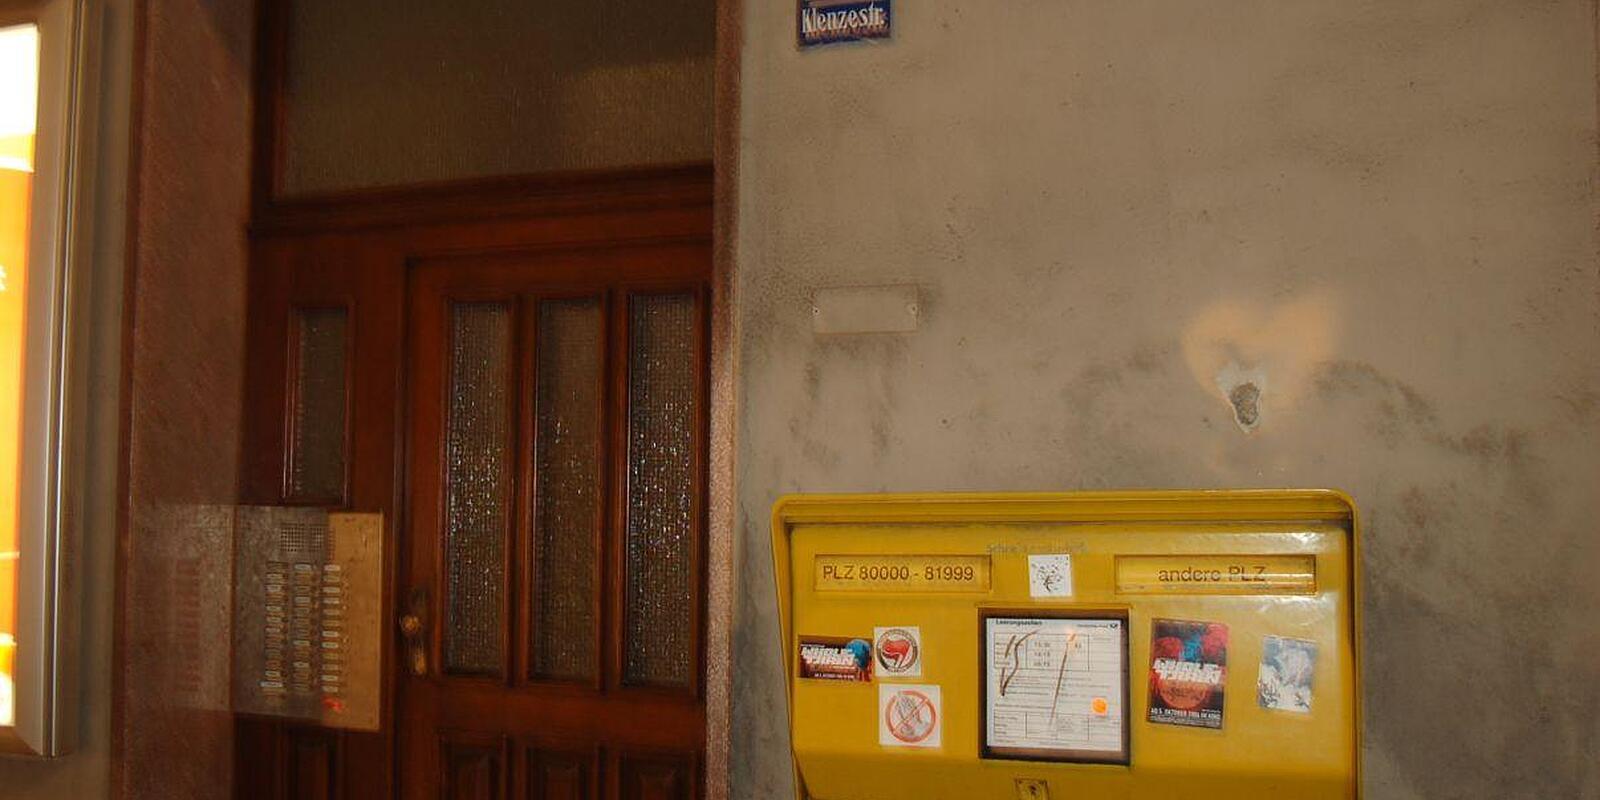 Nächster Briefkasten In Der Nähe